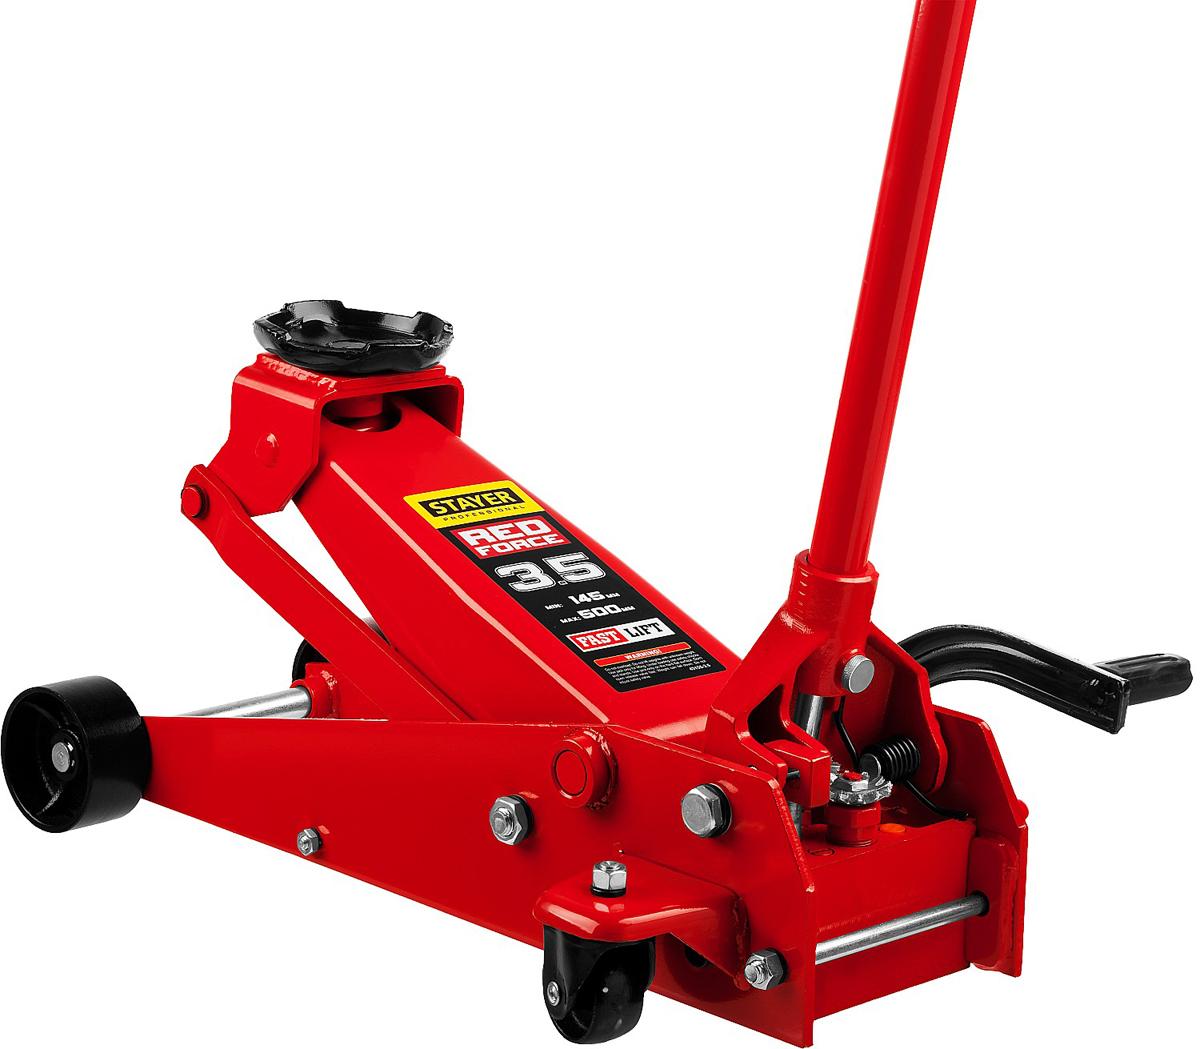 Домкрат Stayer Red Force, гидравлический подкатной, с педалью, 3,5 т, высота подъема 14,5-50 см43155-3.5Домкрат гидравлический подкатной Stayer 43155-3.5, предназначен для использования на станции СТО, с педалью для быстрого подъема груза обеспечивает надежность и высокую скорость работ. Благодаря своим габаритам домкрат устойчиво стоит на поверхности. Широкий рабочий диапазон высот. Быстрый подъем груза с использованием педали.